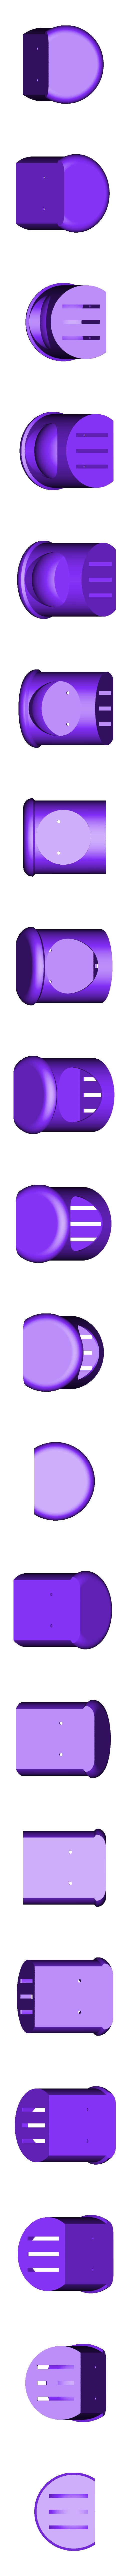 Mini_Feeder.stl Télécharger fichier STL gratuit Mini-Nourrice • Modèle pour imprimante 3D, simonwright30sw